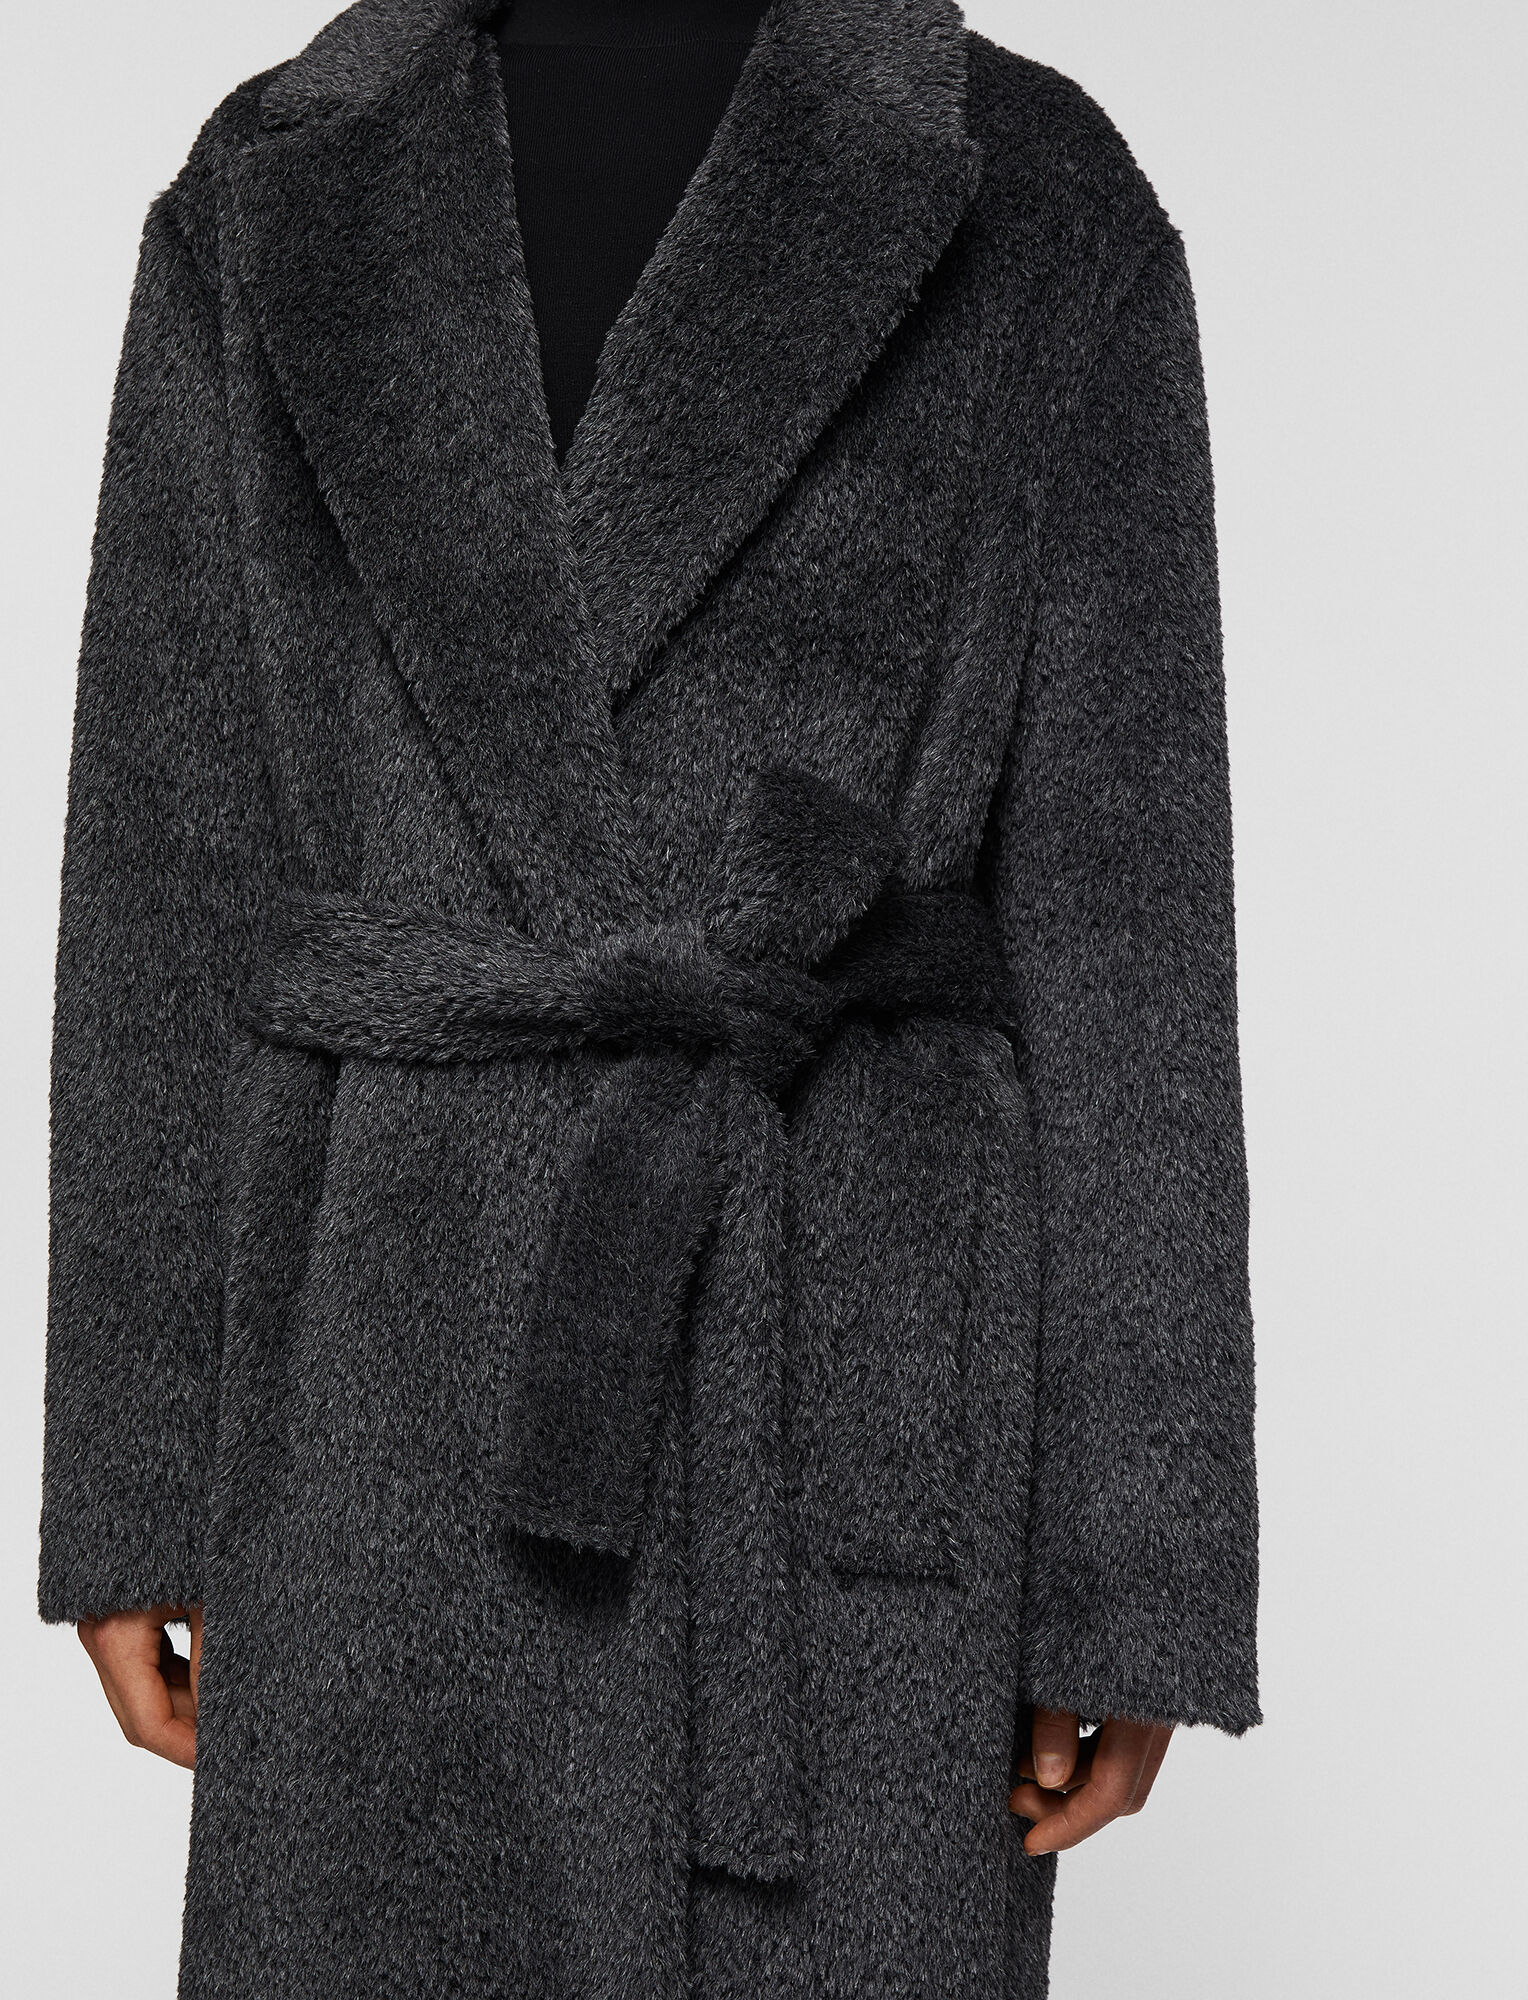 Joseph, Textured Wool Alpaca Cayla Coat, in Nickel